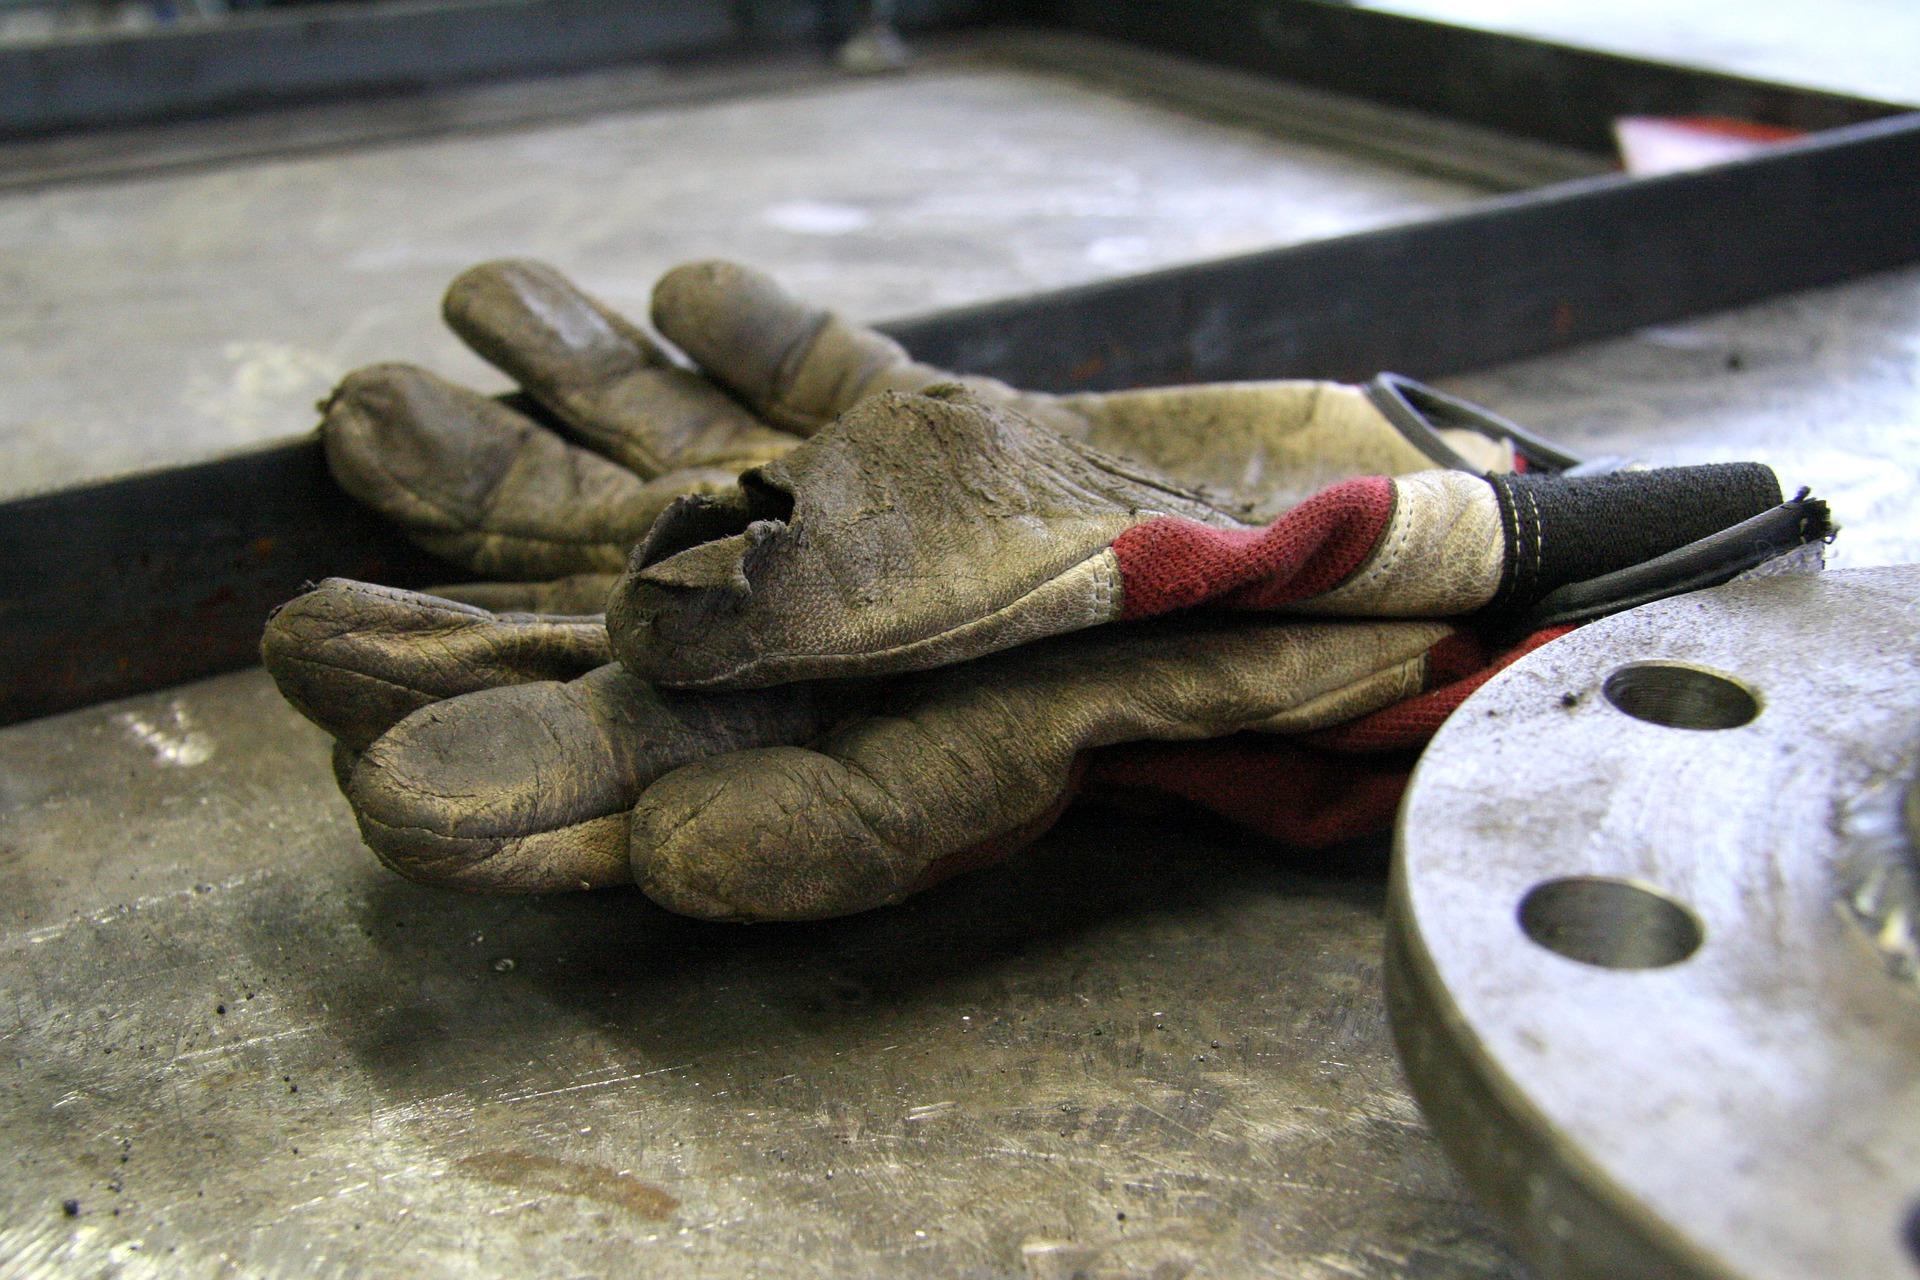 Incidenti Sul Lavoro: Operaio Trenitalia Ferito A Roma, Mai Abbassare Guardia Su Sicurezza